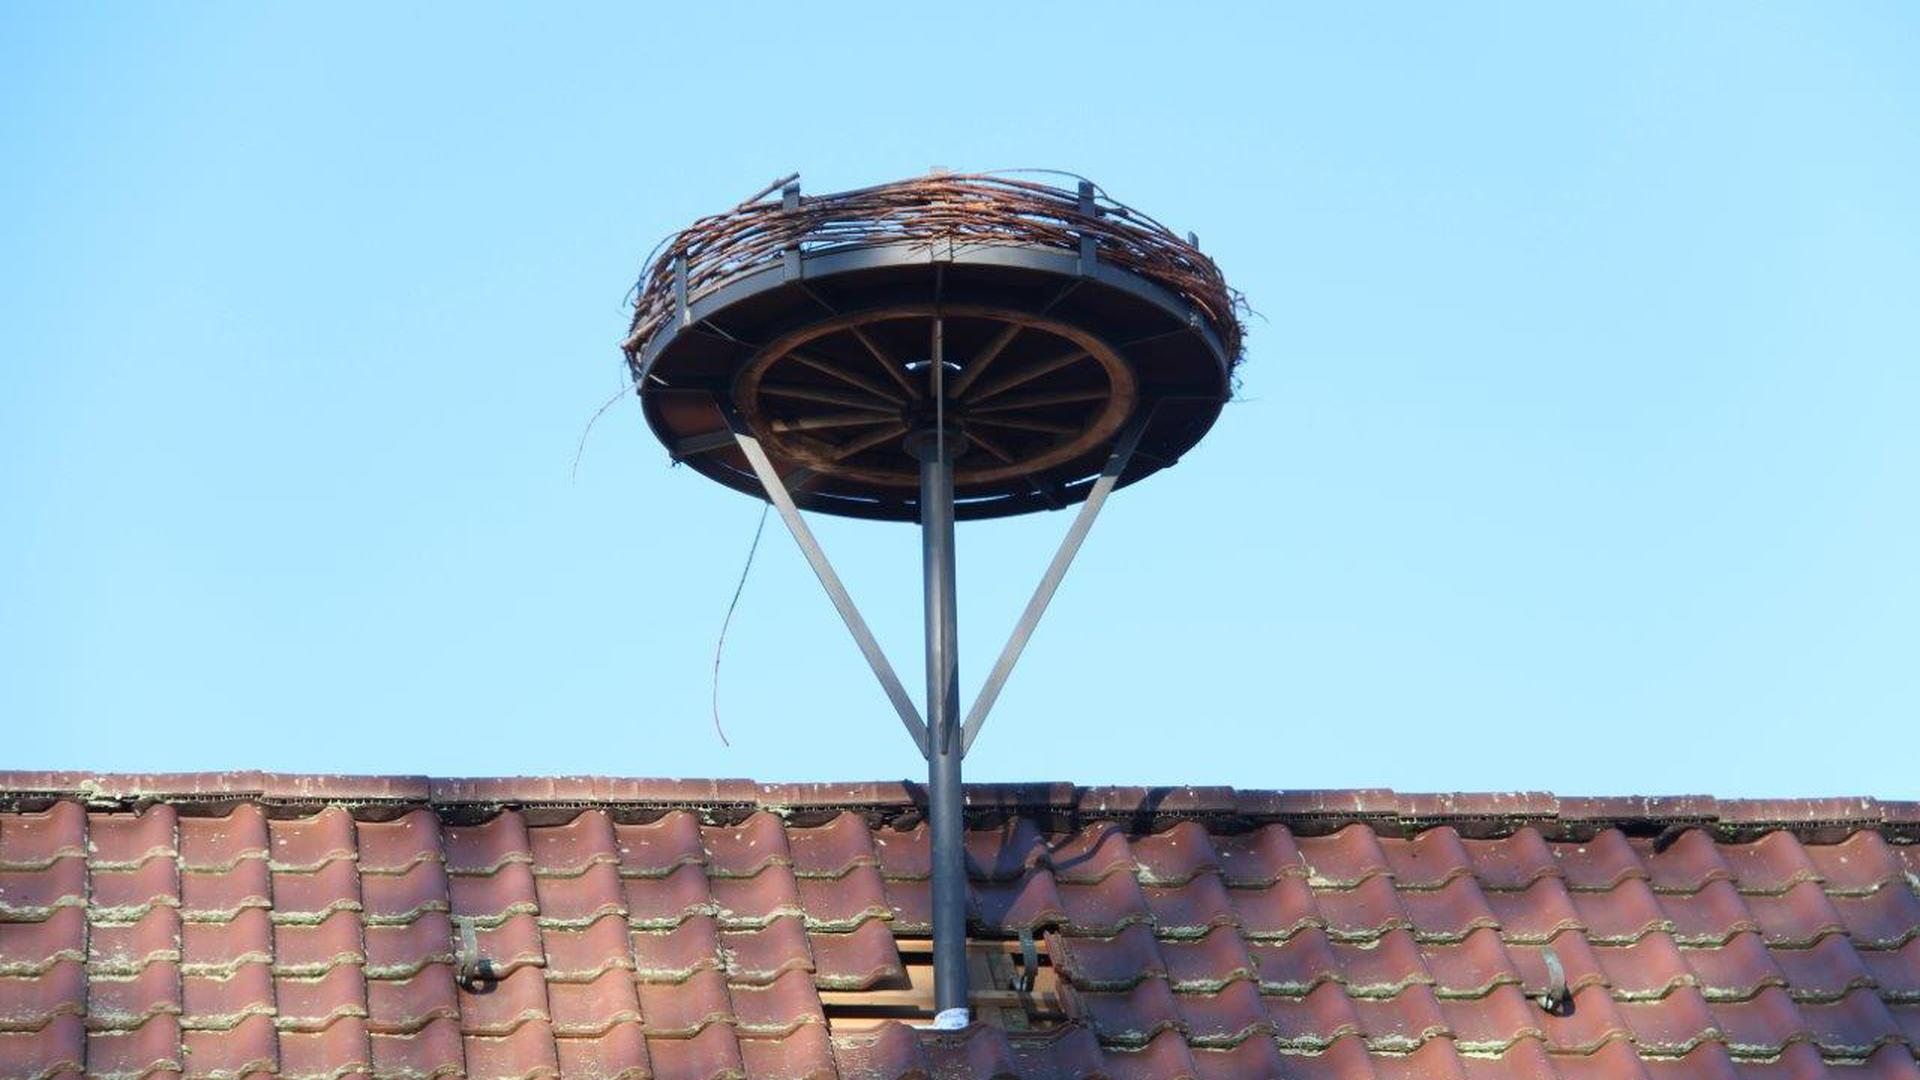 Neues Nest: Auf dem Dach des Bauhofs in Niefern-Öschelbronn soll im Frühjahr ein Storch nisten.